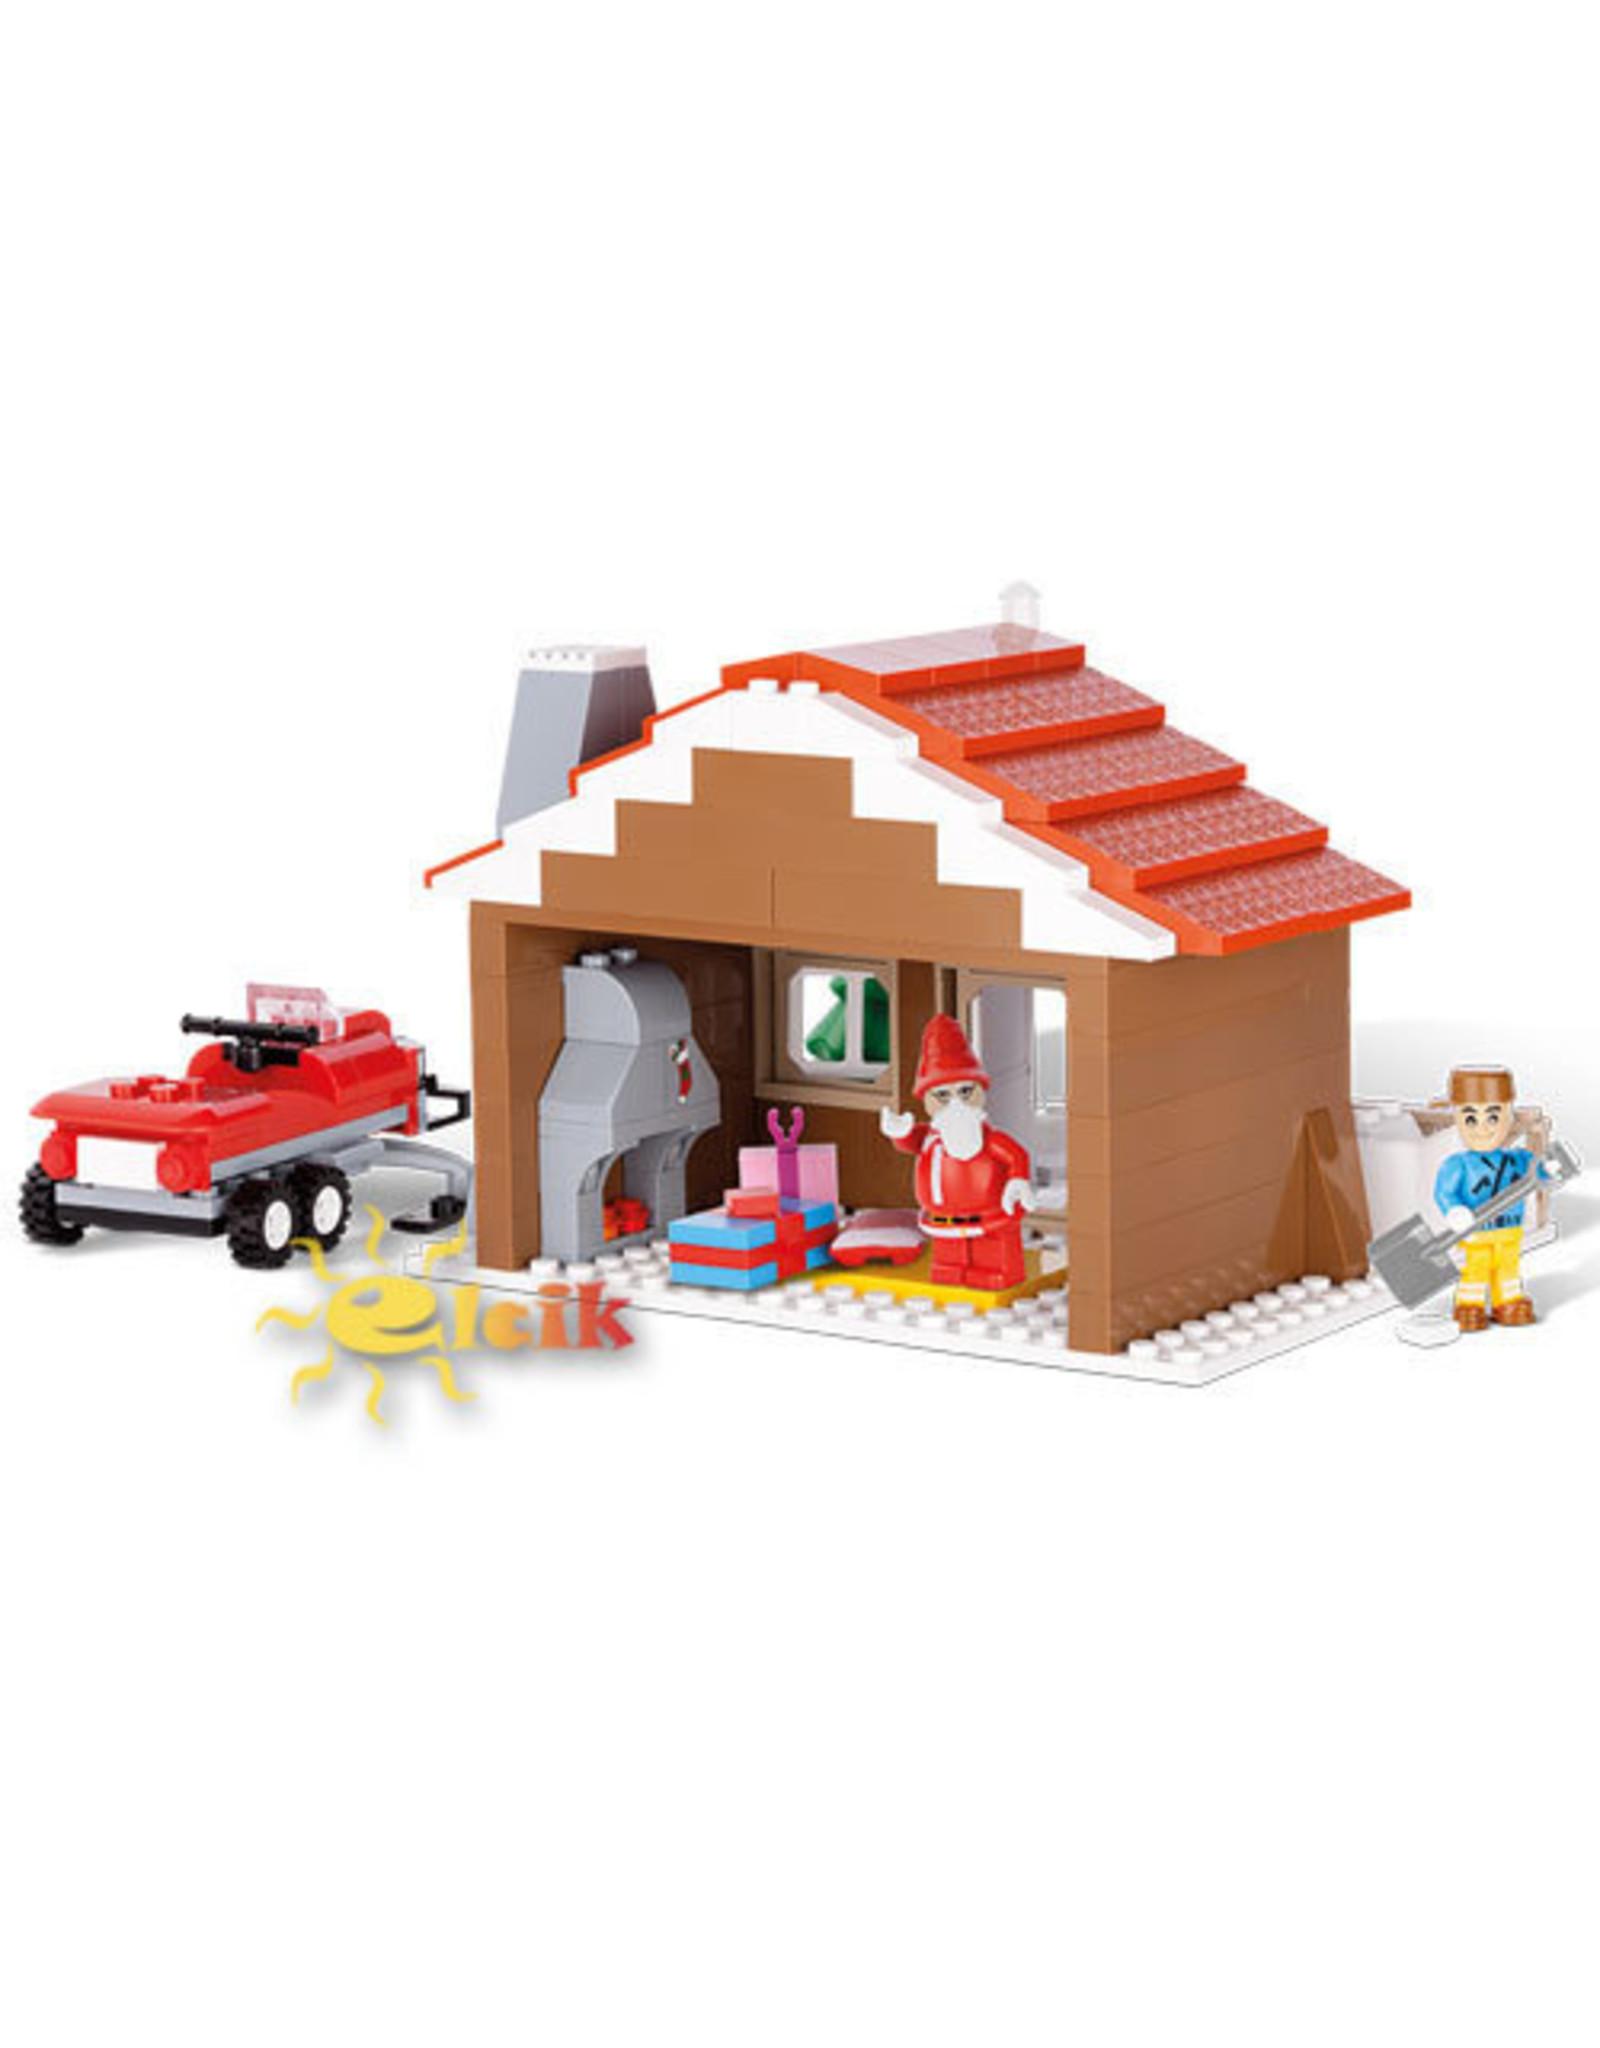 COBI COBI - Kerstman huis 28020